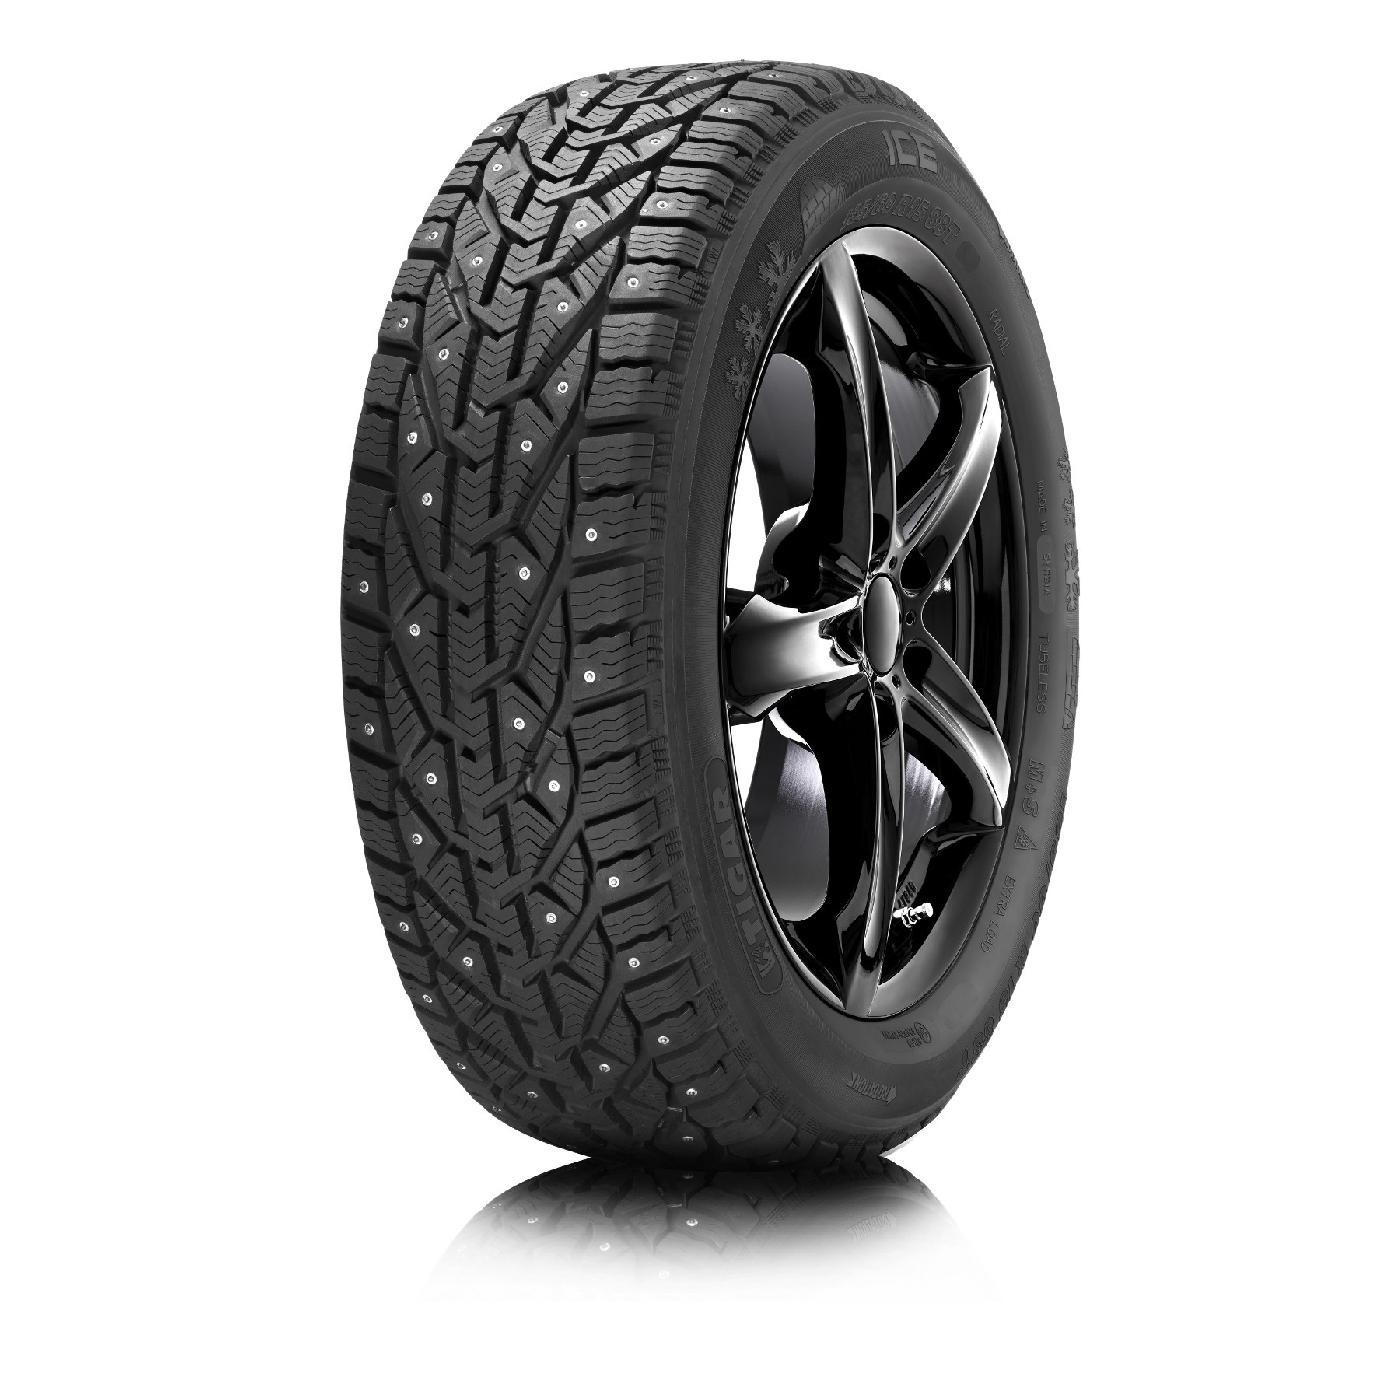 автомобильные шины Tigar Ice 225/50 R17 98T